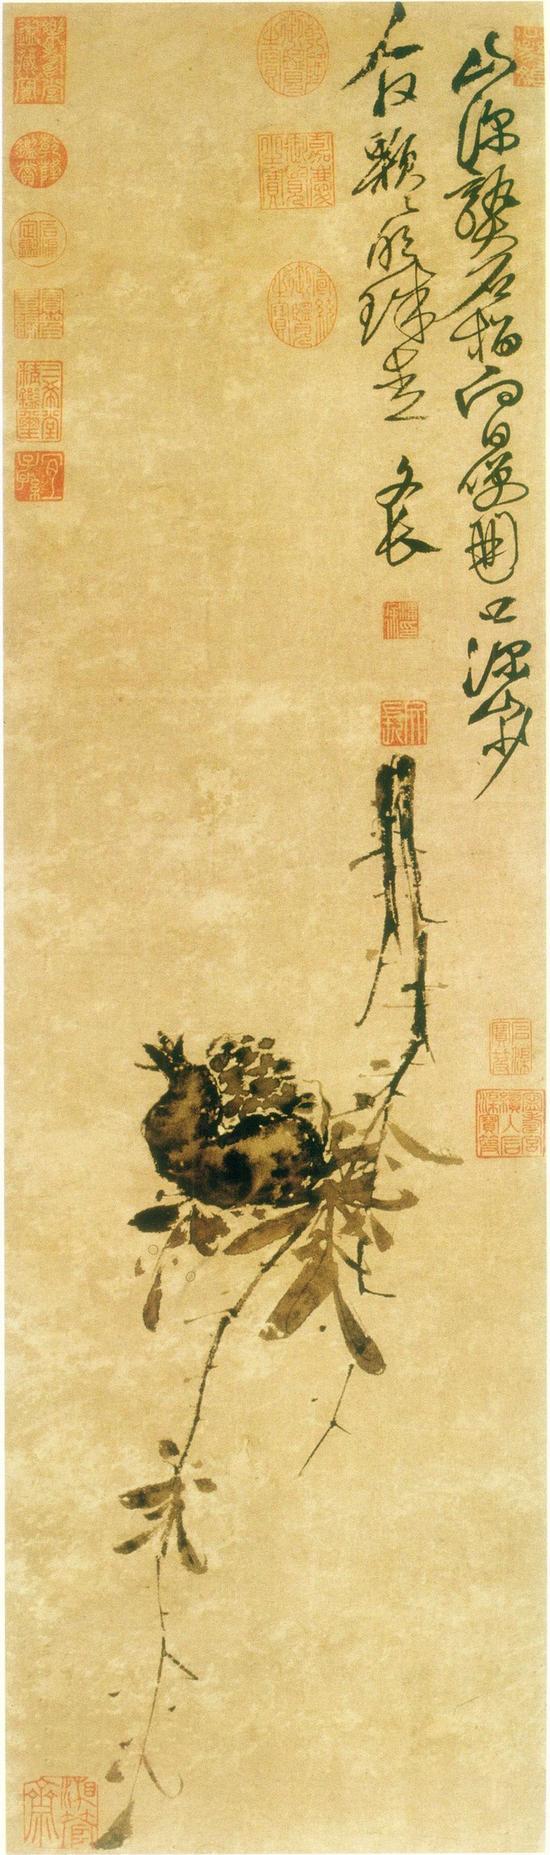 徐渭,《榴实图》,台北故宫藏